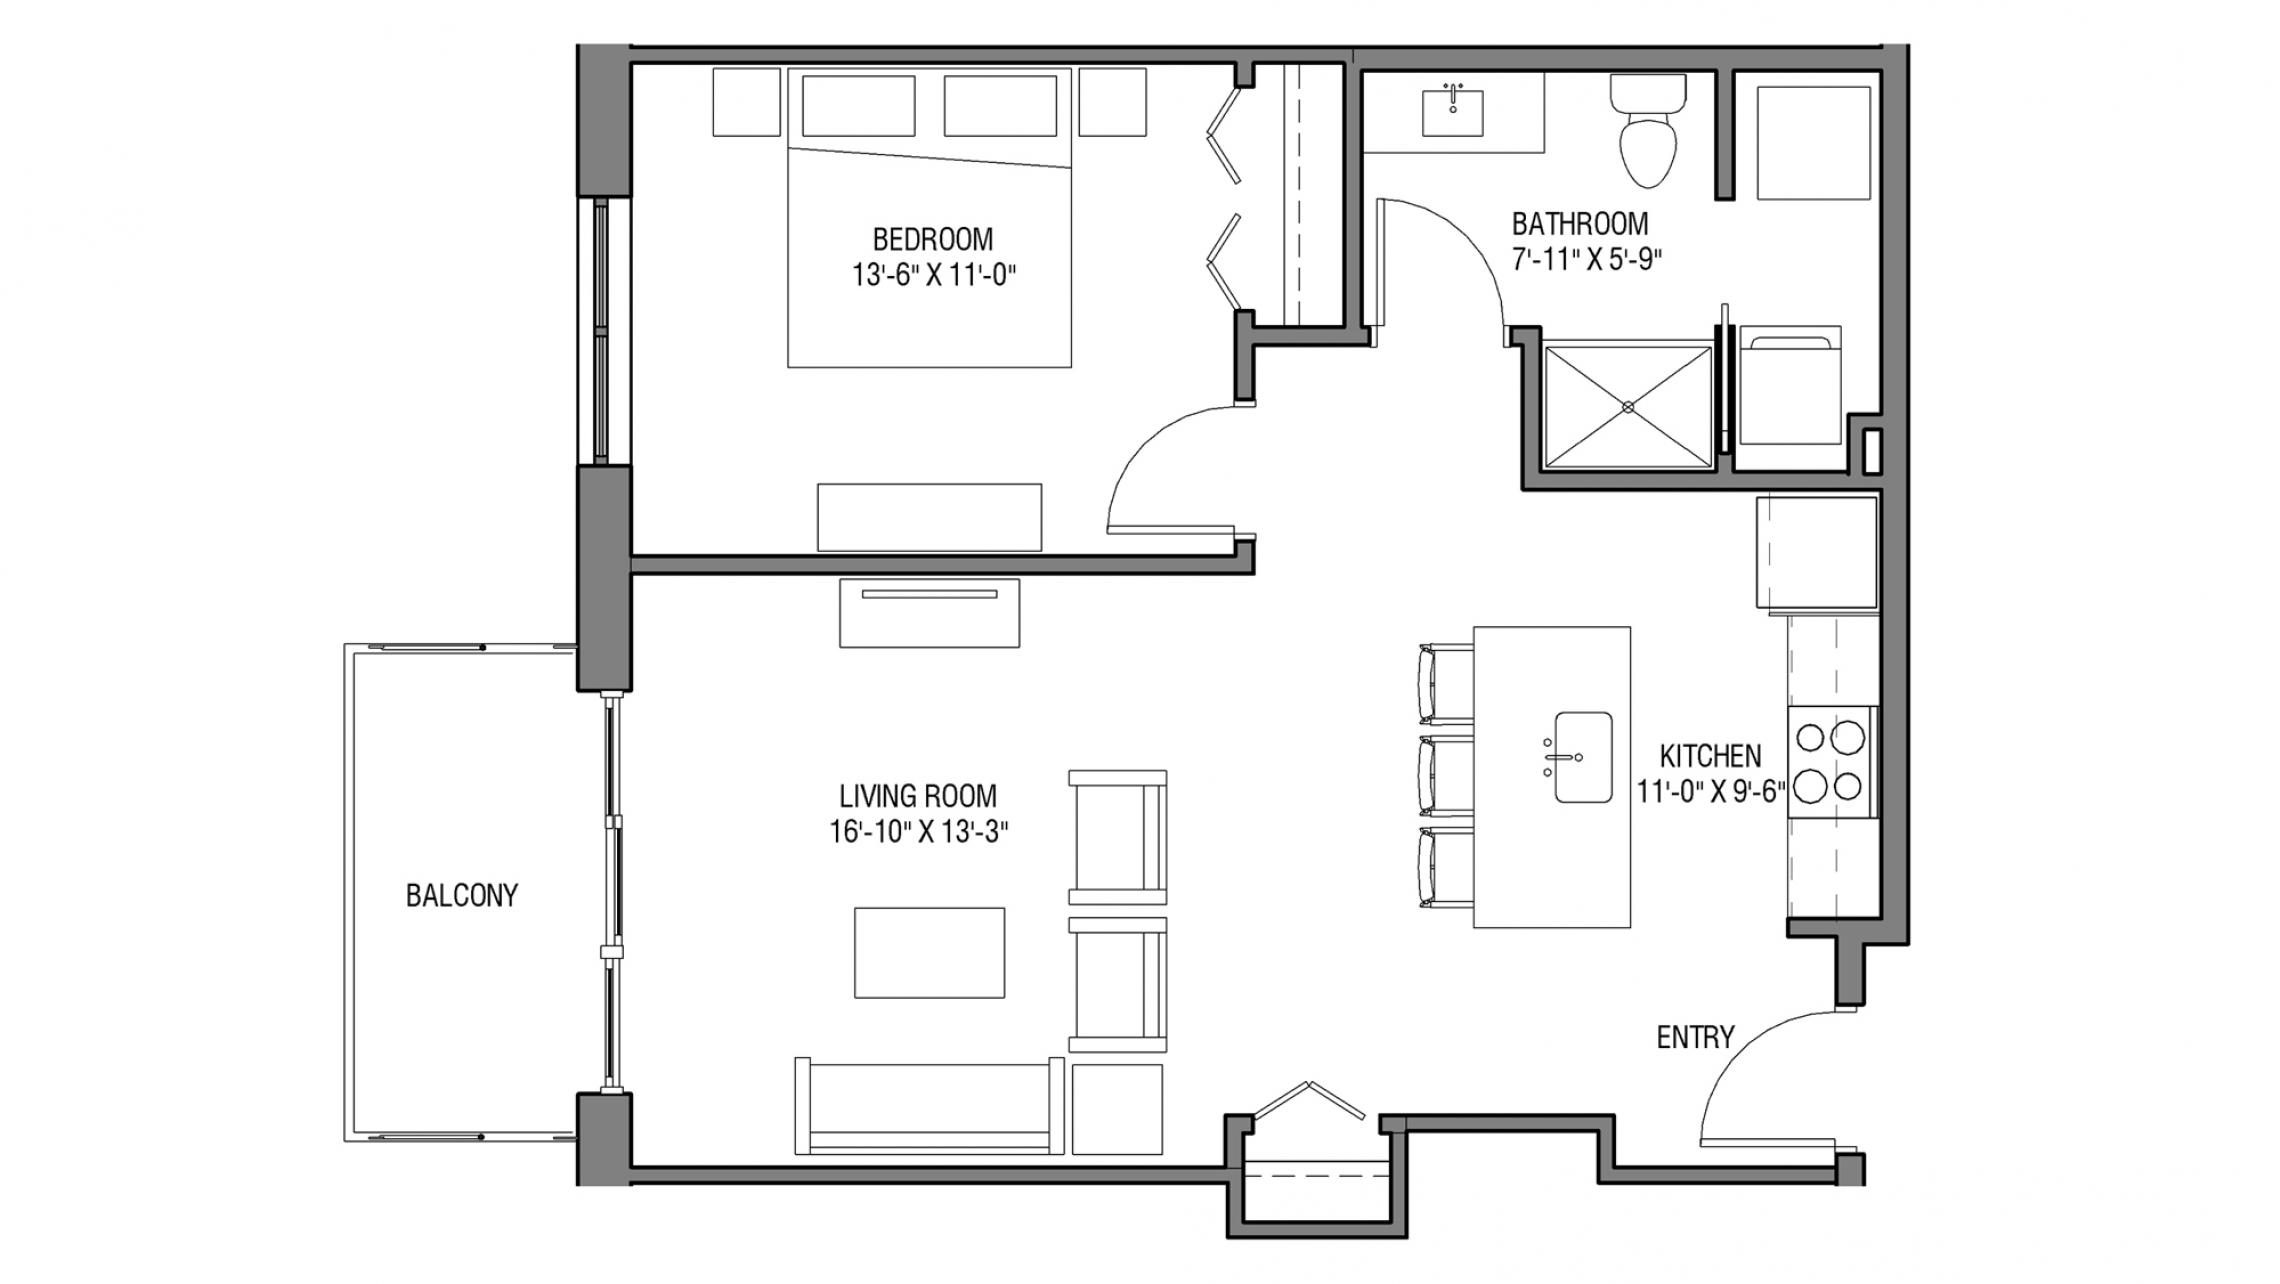 ULI Nine Line 417 - One Bedroom, One Bathroom